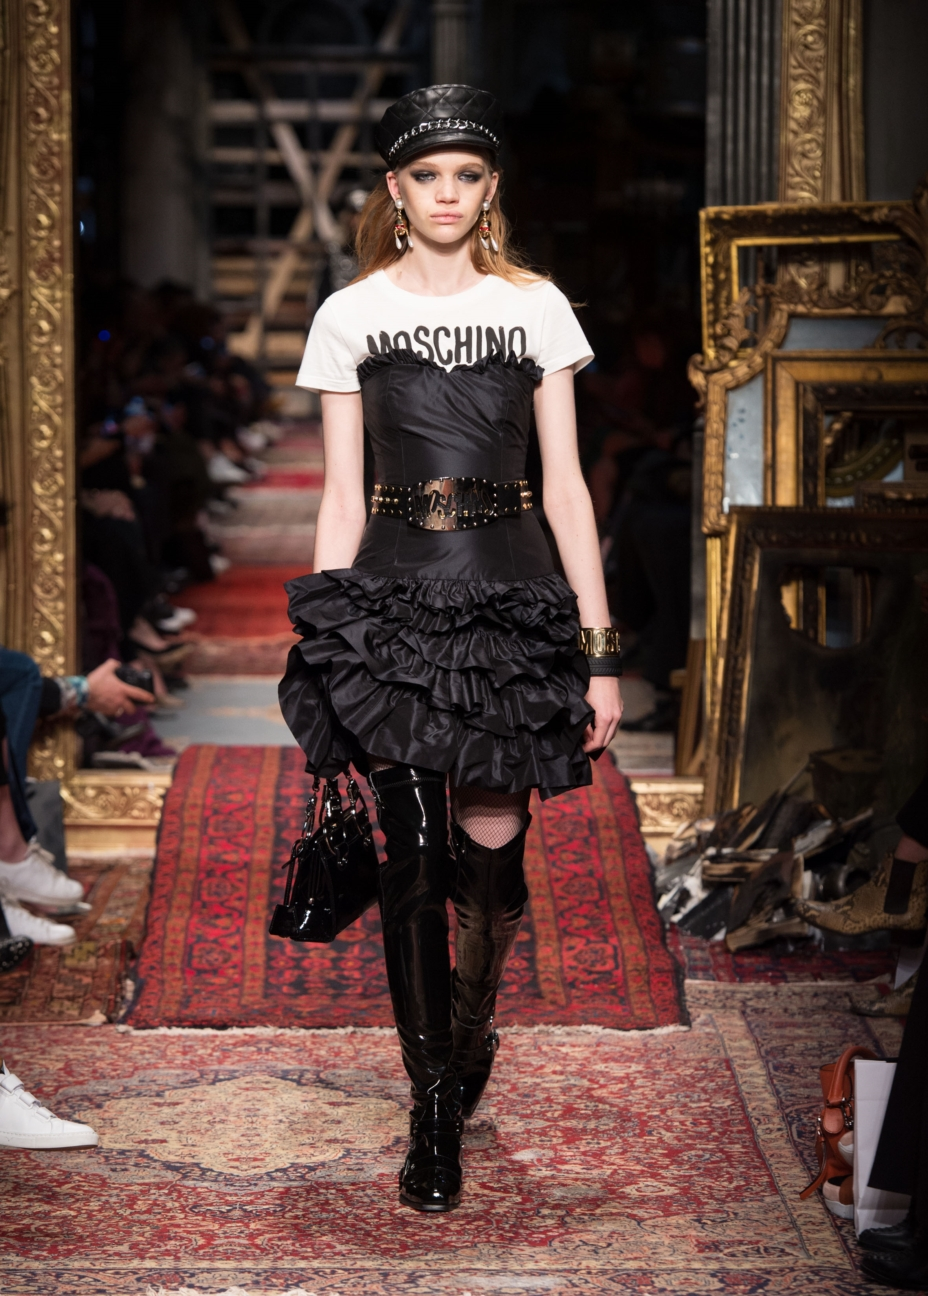 moschino-milan-fashion-week-aw-16-24